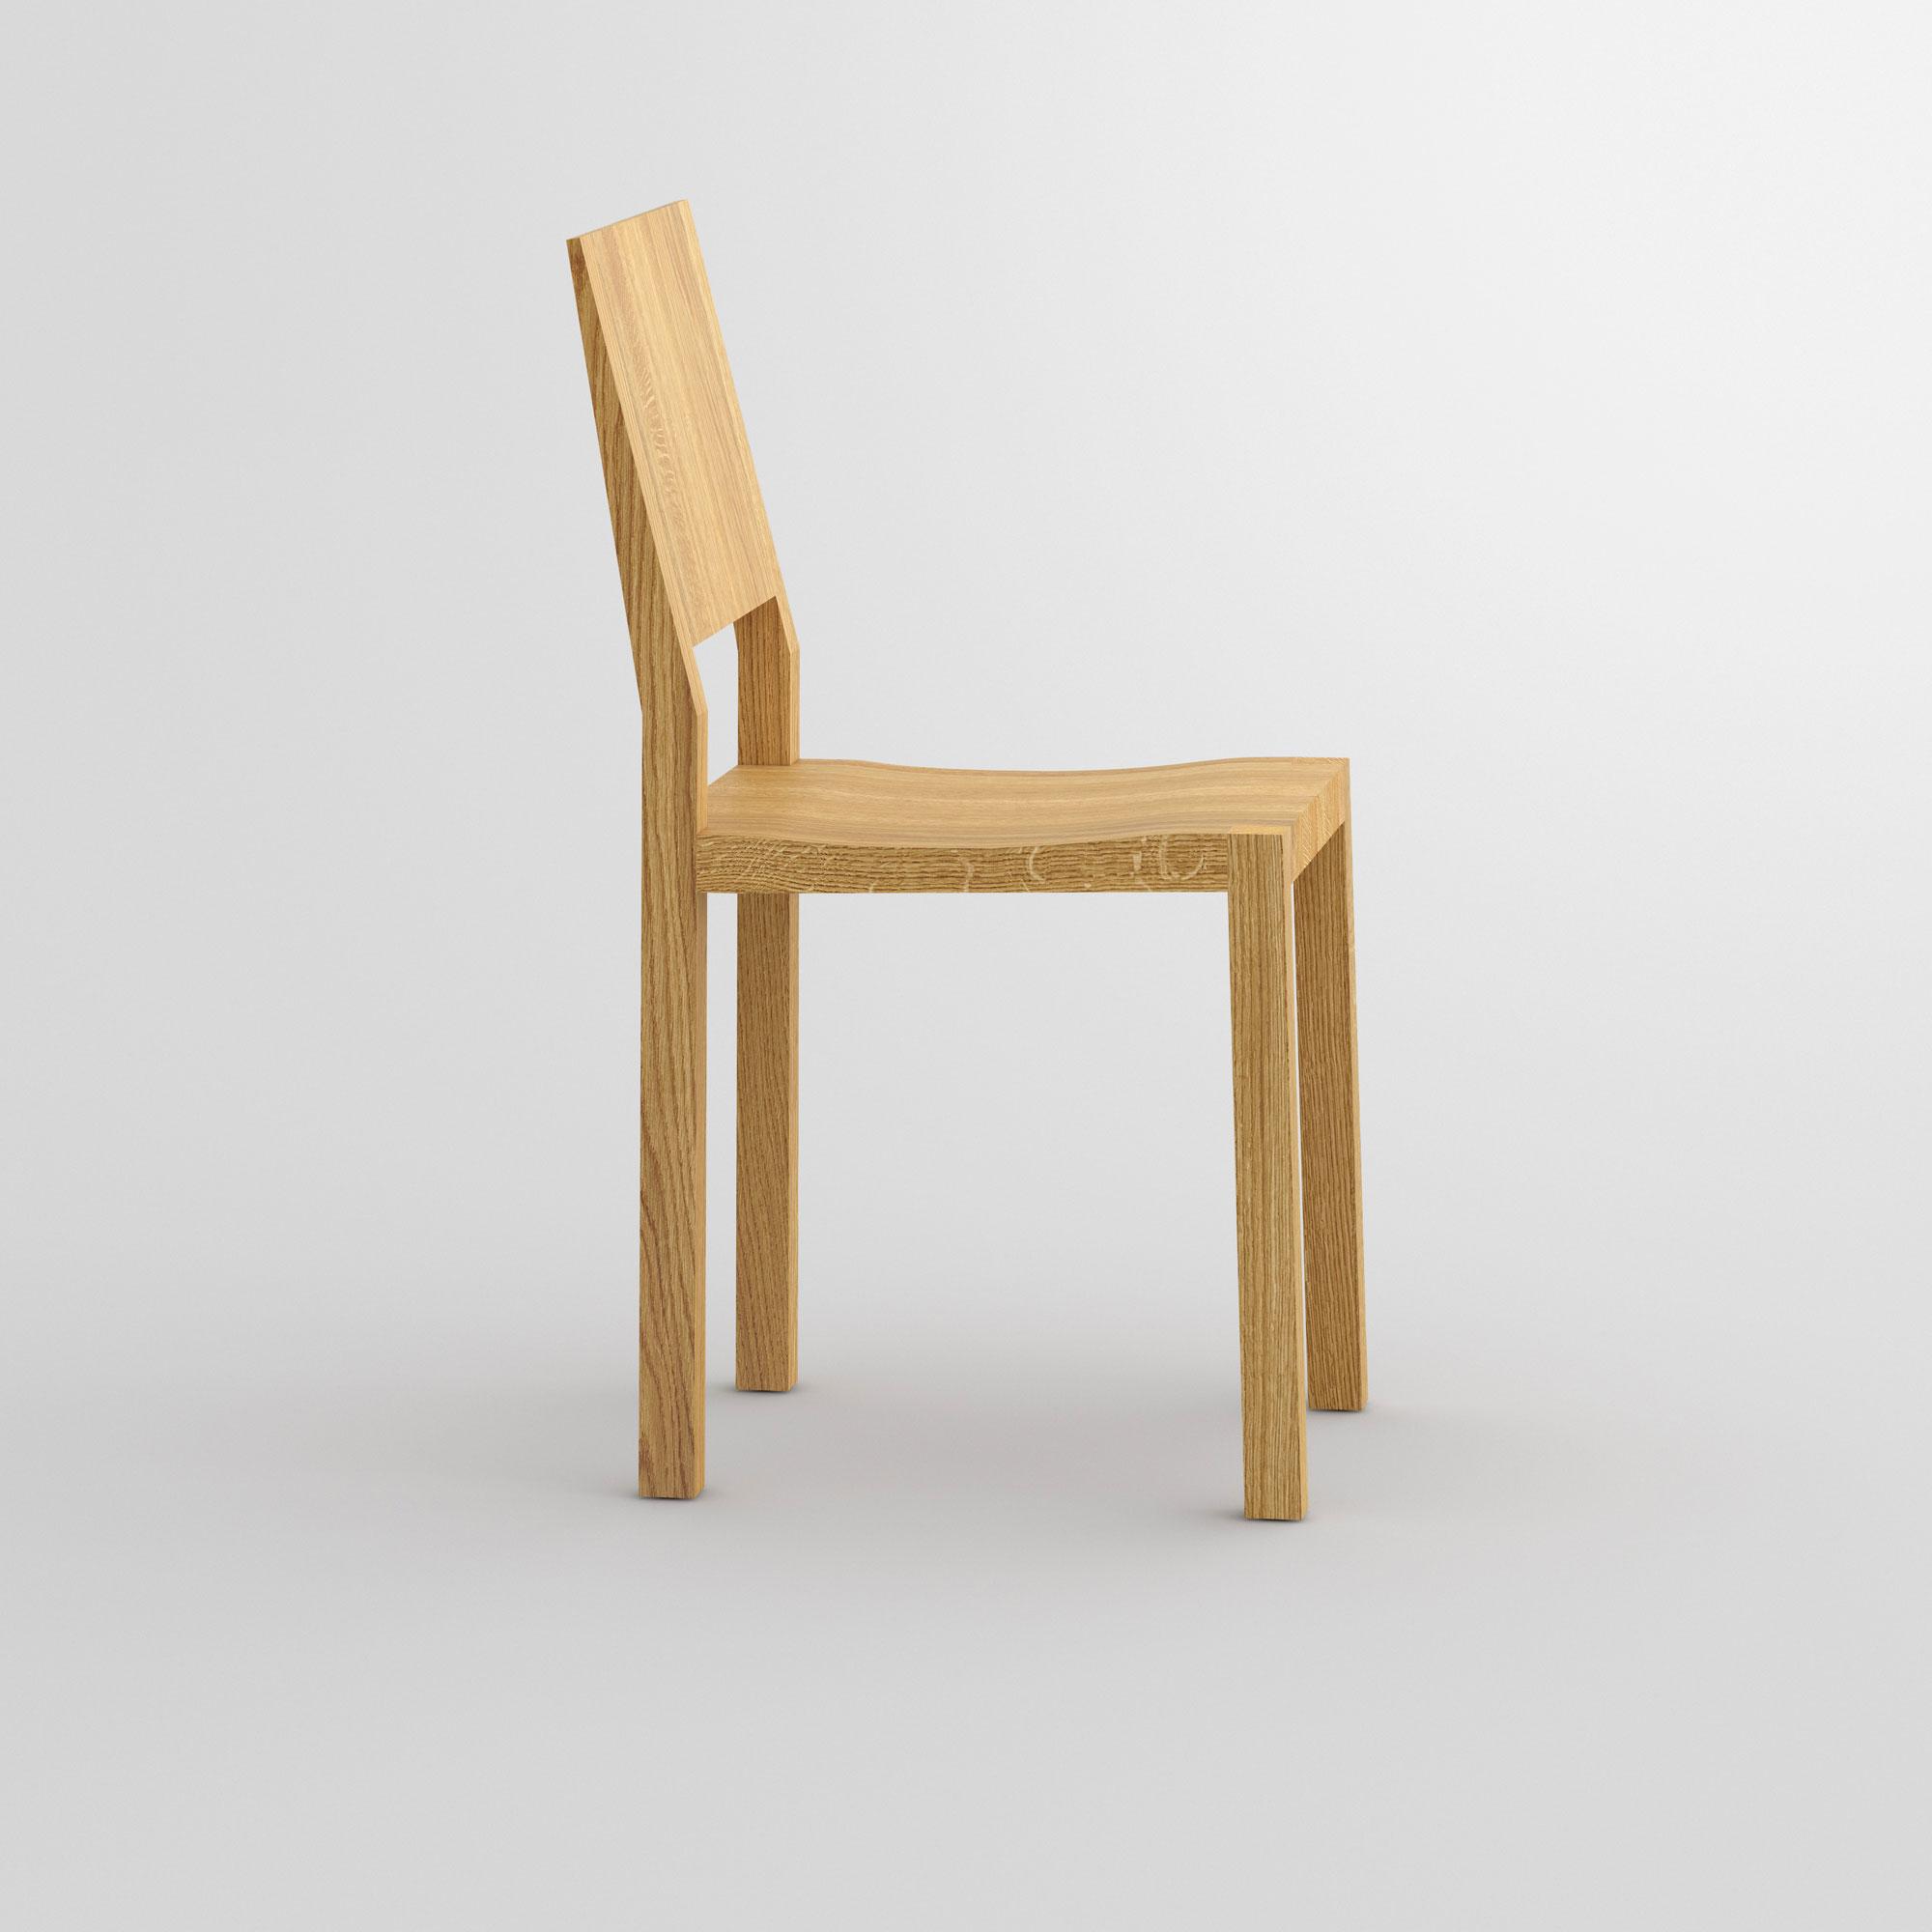 Massivholz stuhl tau vitamin design for Design stuhl hamburg